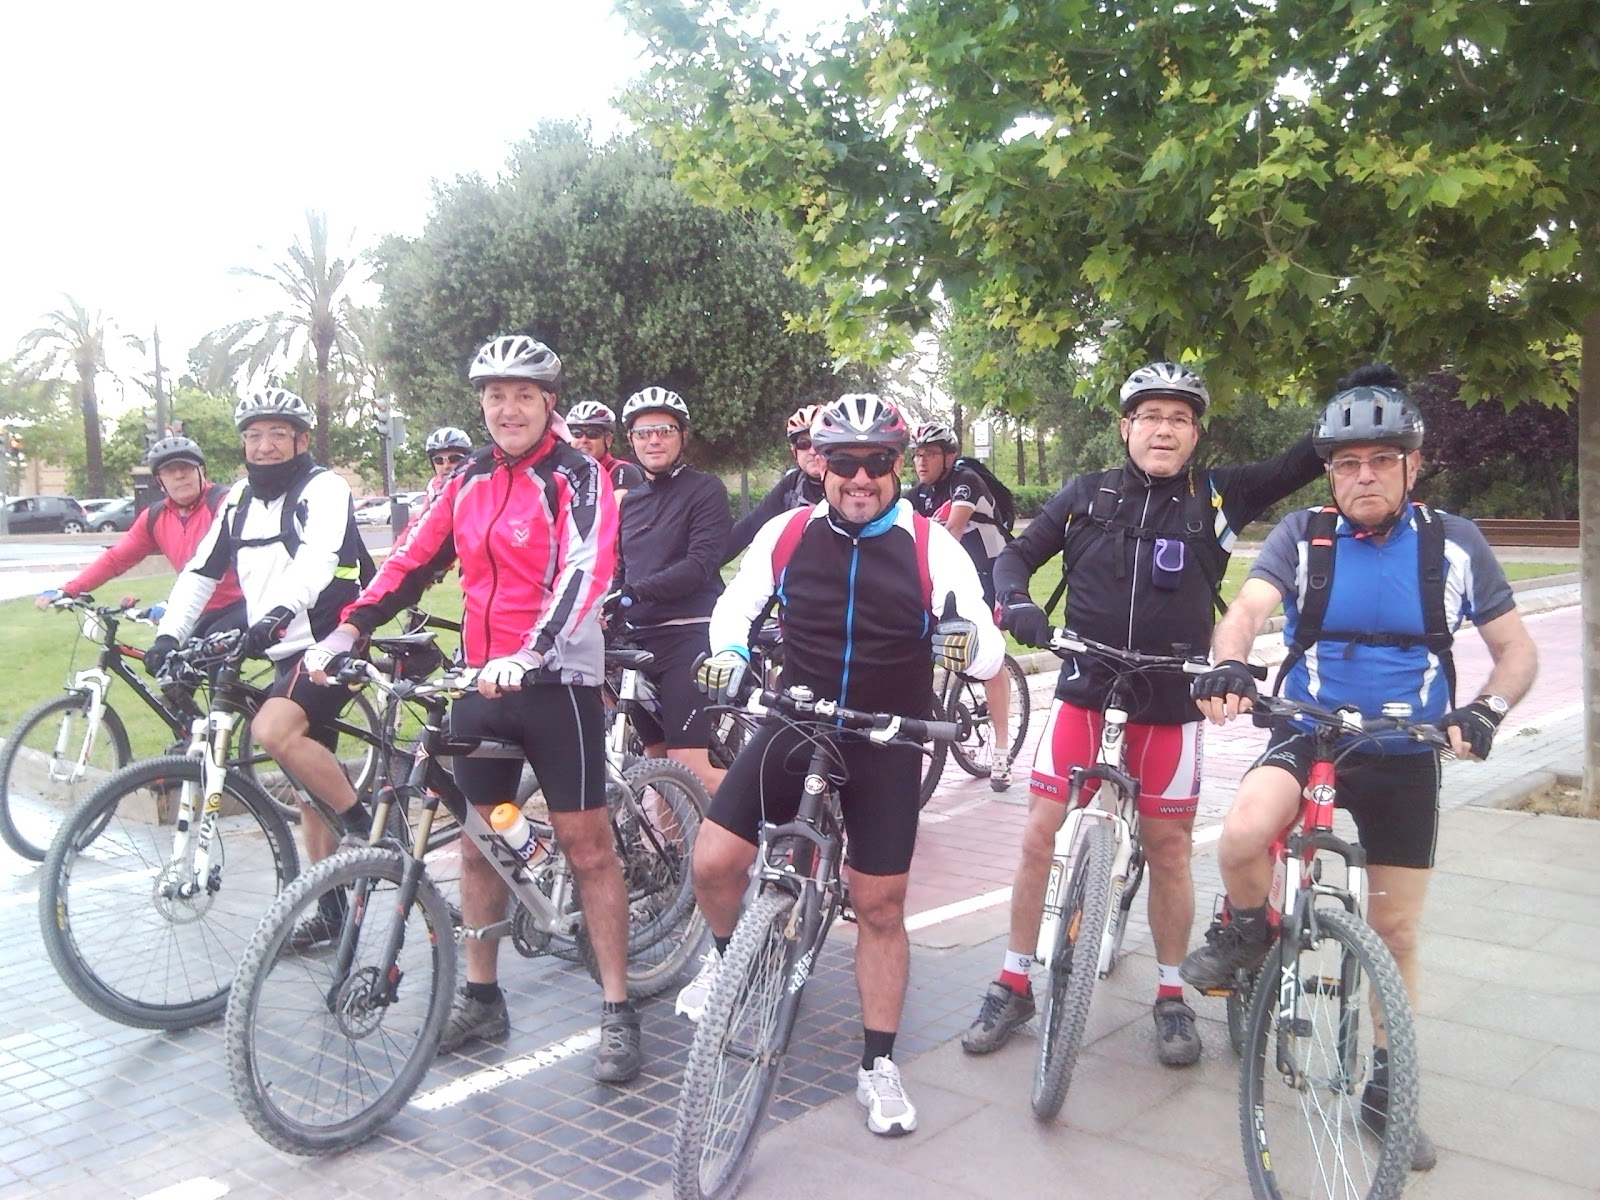 Re biciclaos s bado 11 puerto de catarroja el palmar - El tiempo en catarroja ...